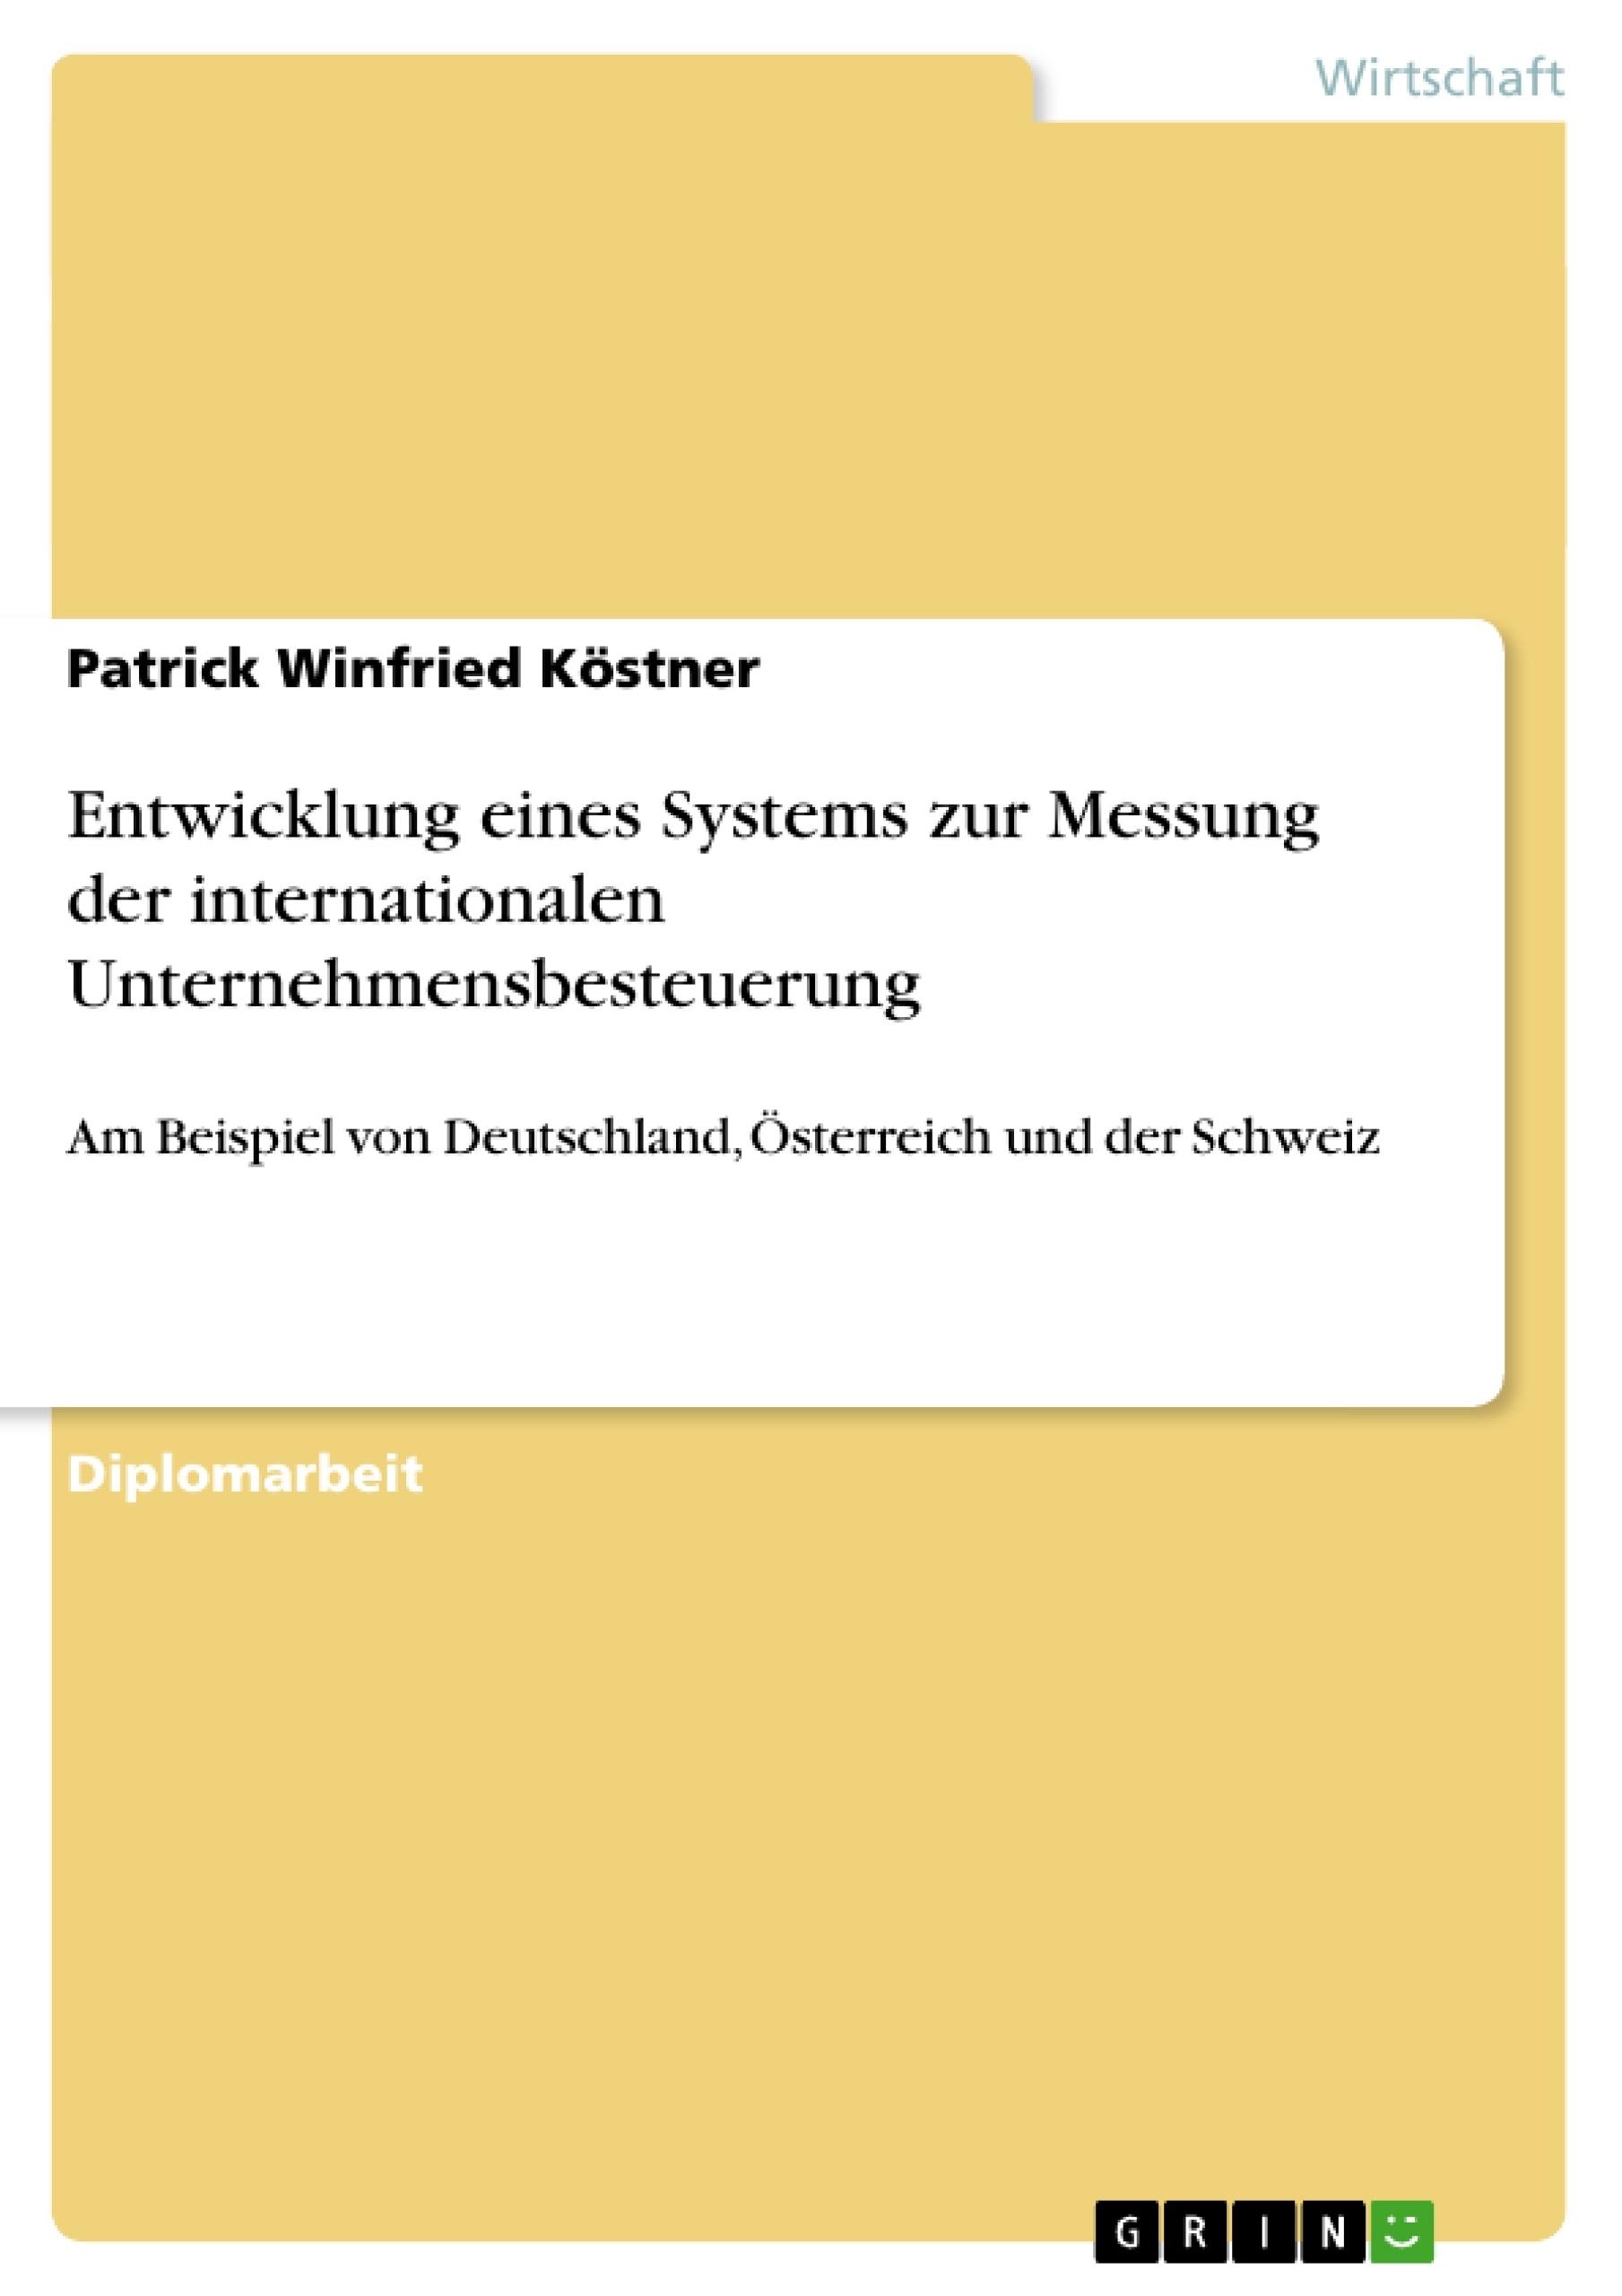 Titel: Entwicklung eines Systems zur Messung der internationalen Unternehmensbesteuerung